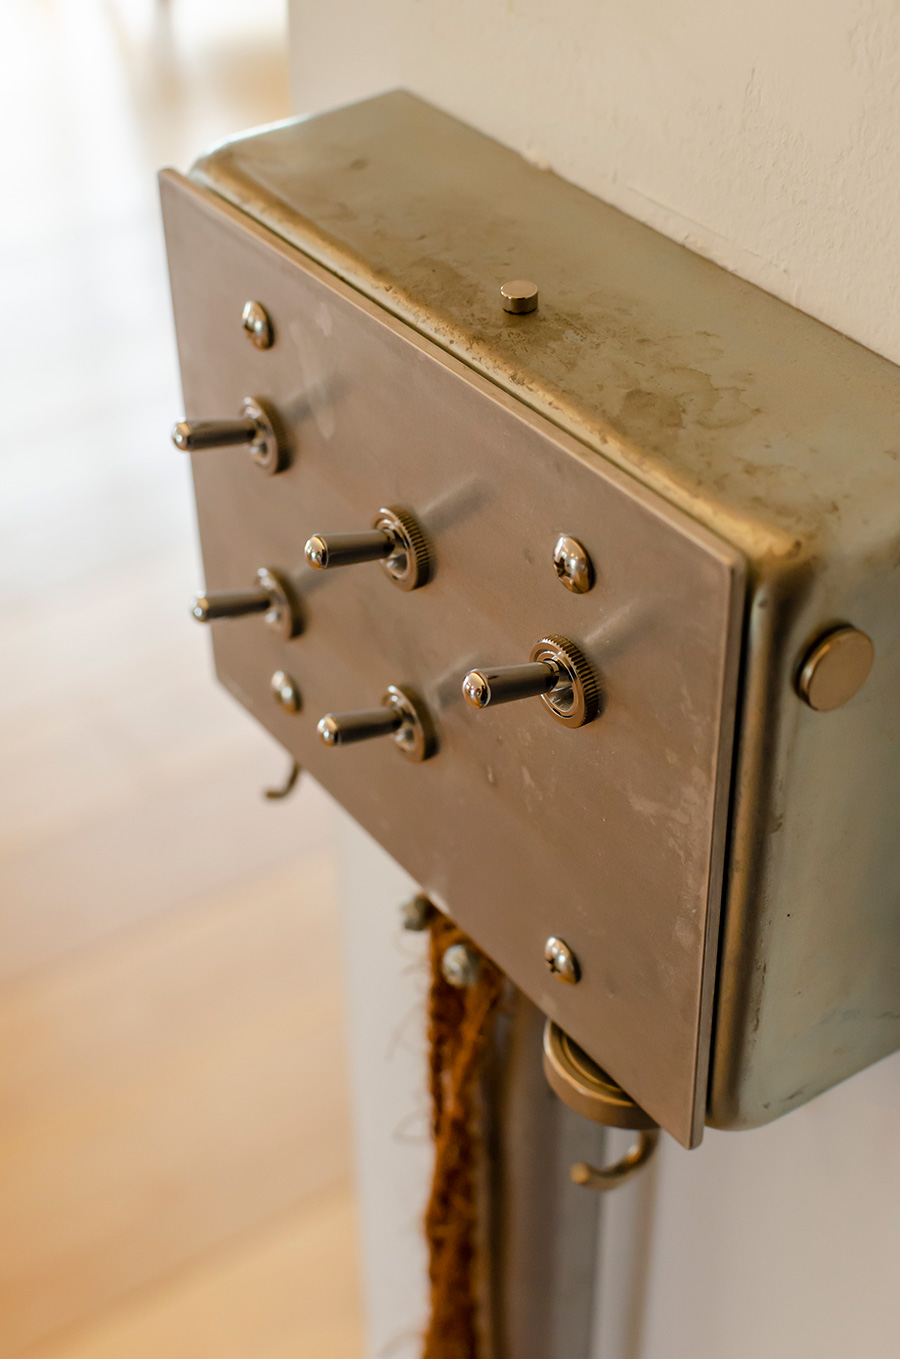 インダストリアルなデザインのスイッチも「tool box」。